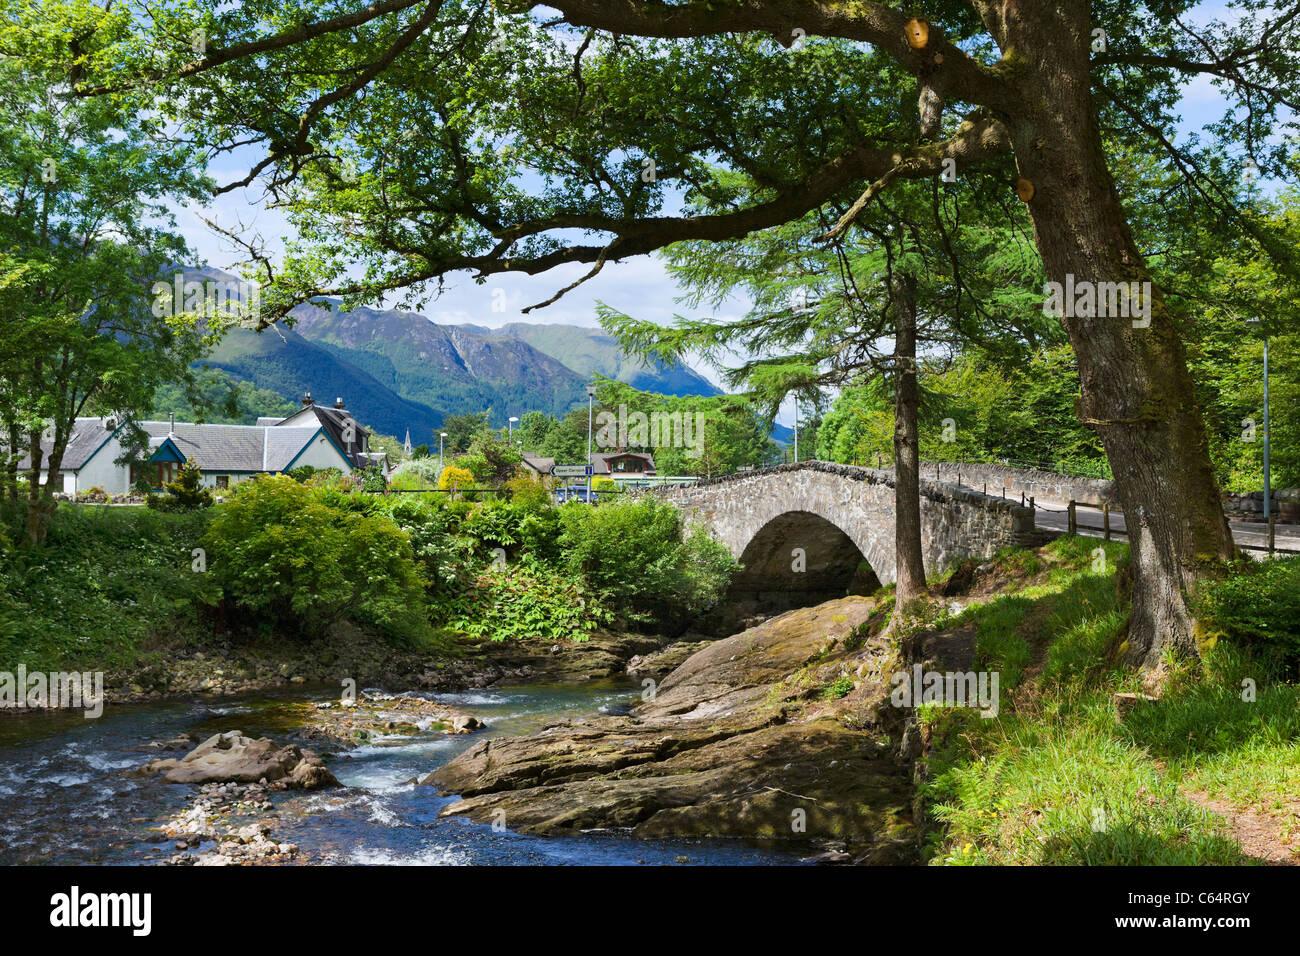 Ponte sul Fiume Coe nel villaggio di Glencoe, Glen Coe, Highlands scozzesi, Scotland, Regno Unito. Paesaggio scozzese Immagini Stock